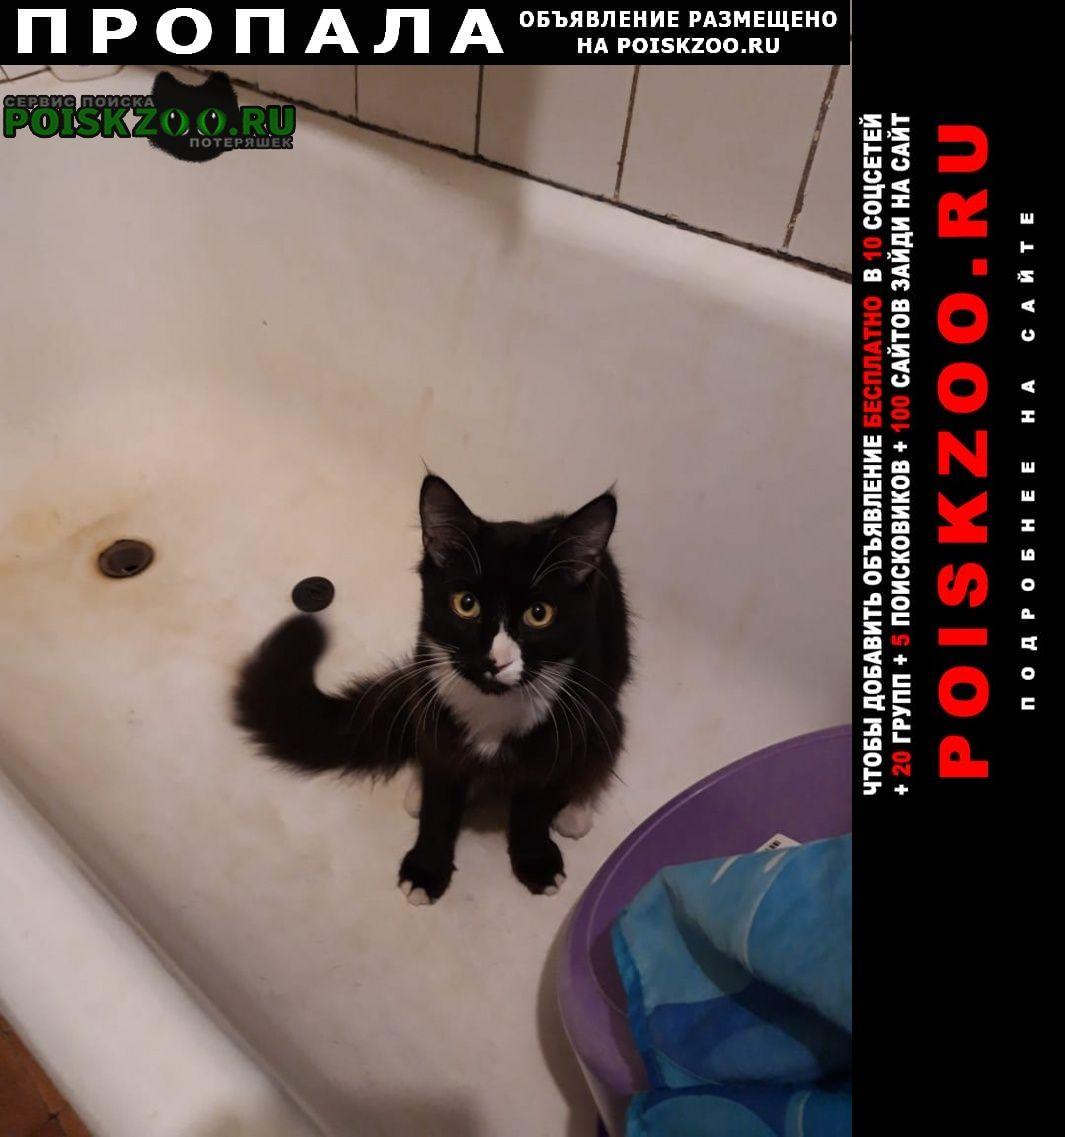 Пропала кошка дата пропажи. Одинцово